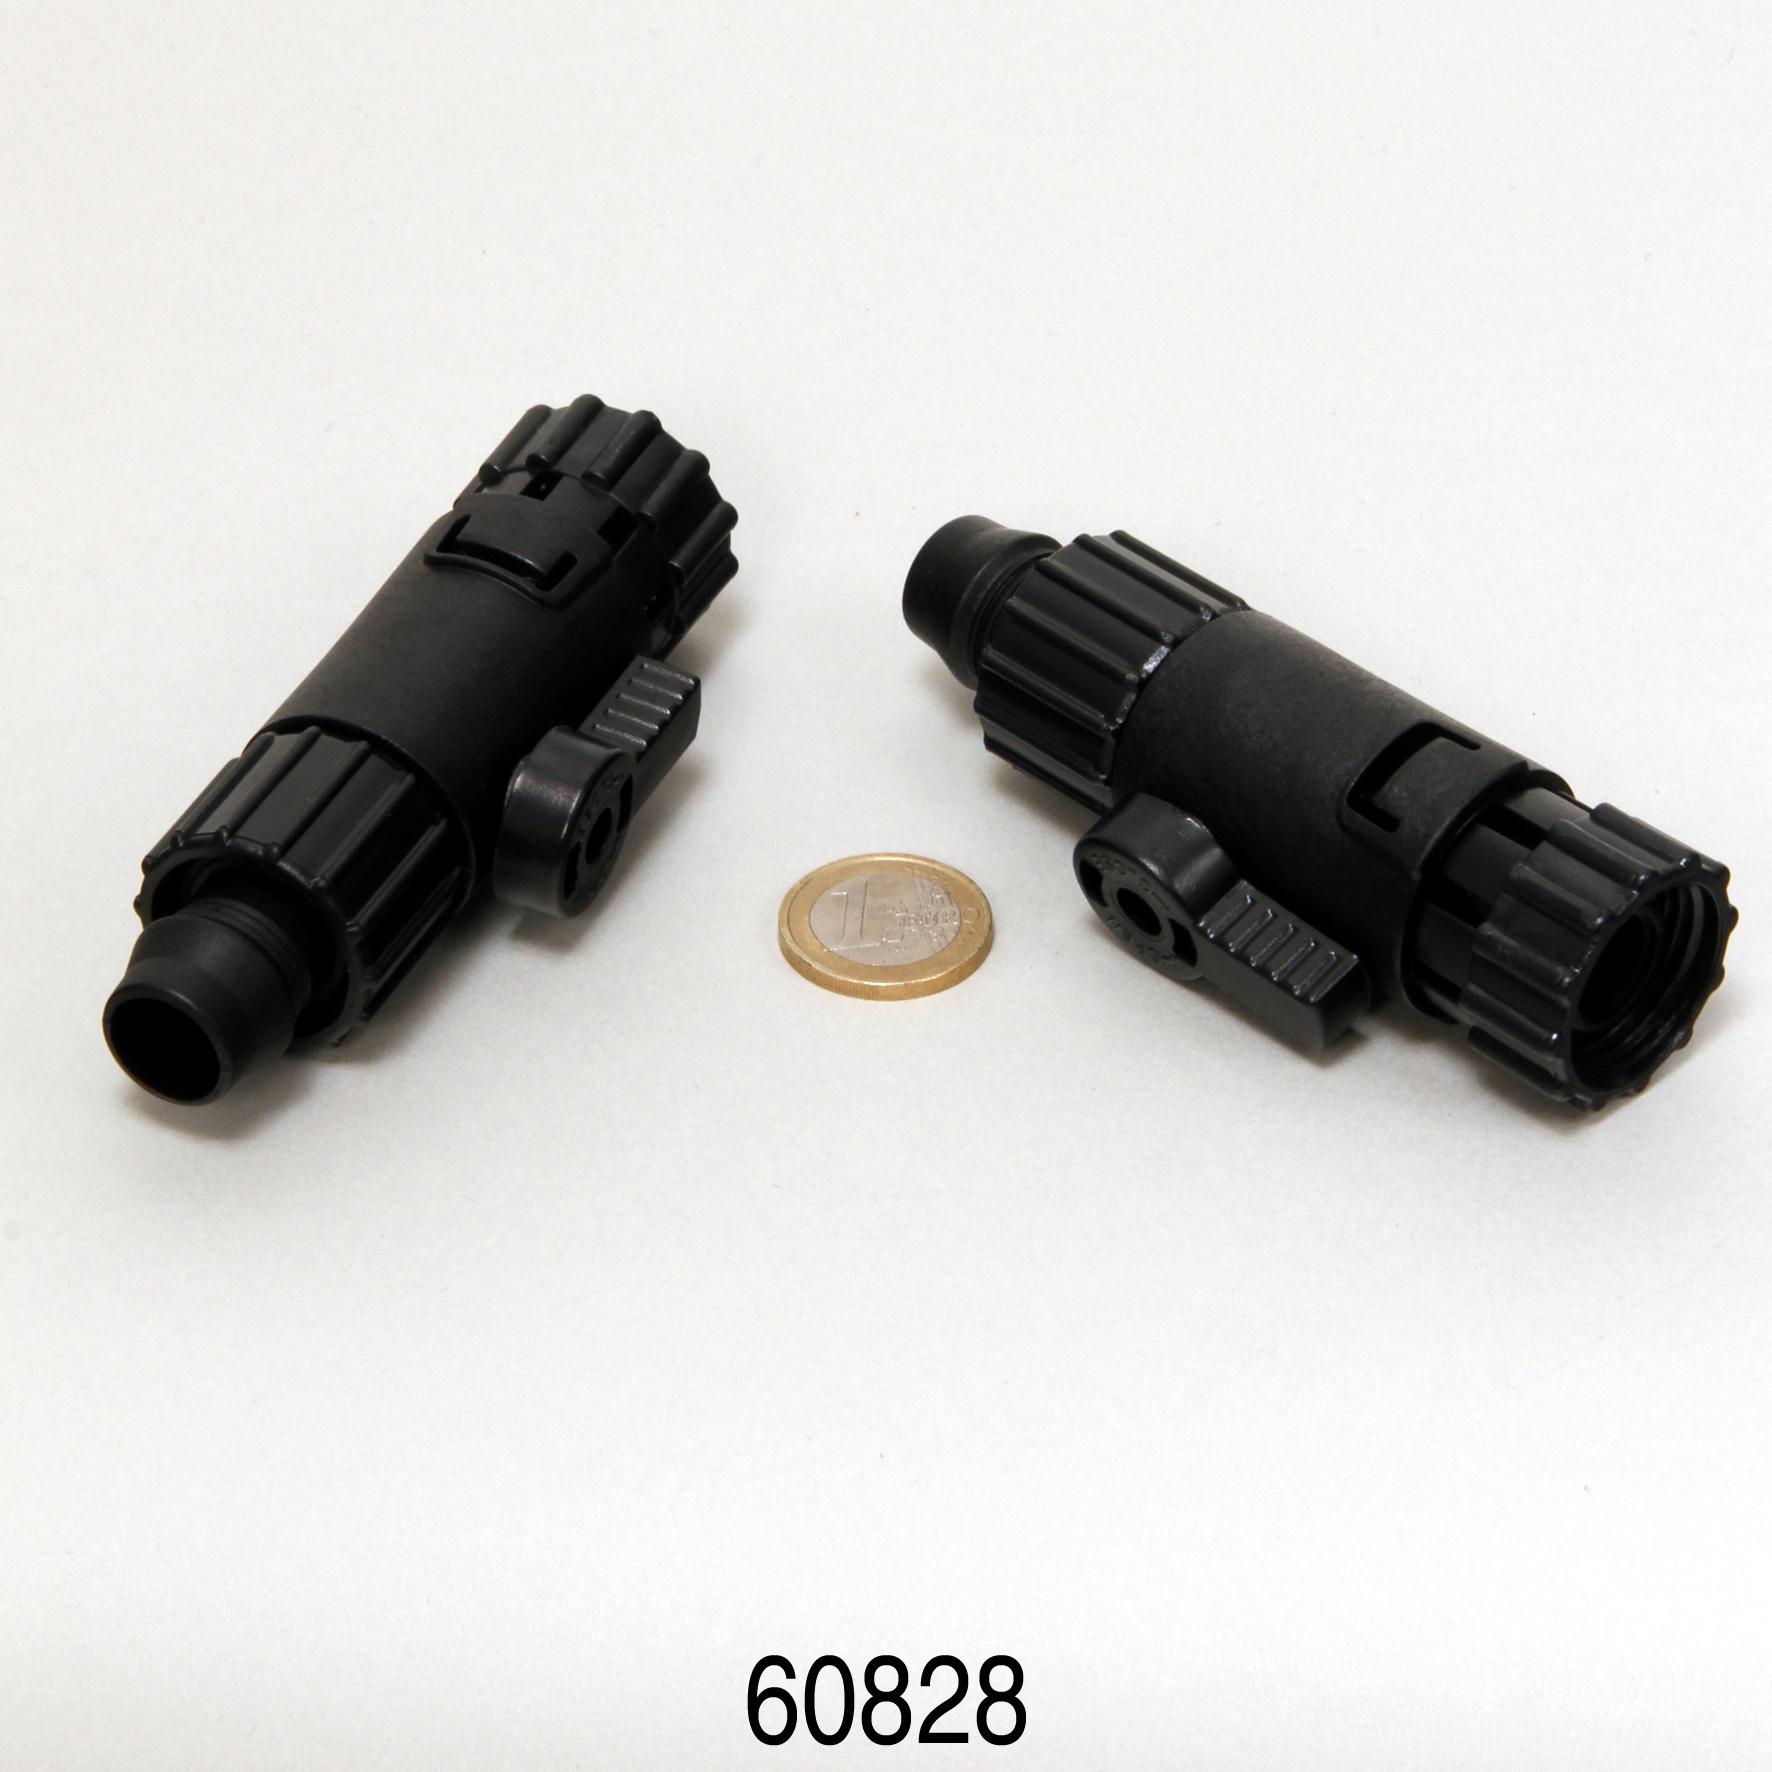 JBL Absperrhähne für PC 500, unser Angebot ist für einen Absperrhahn ausgelegt.